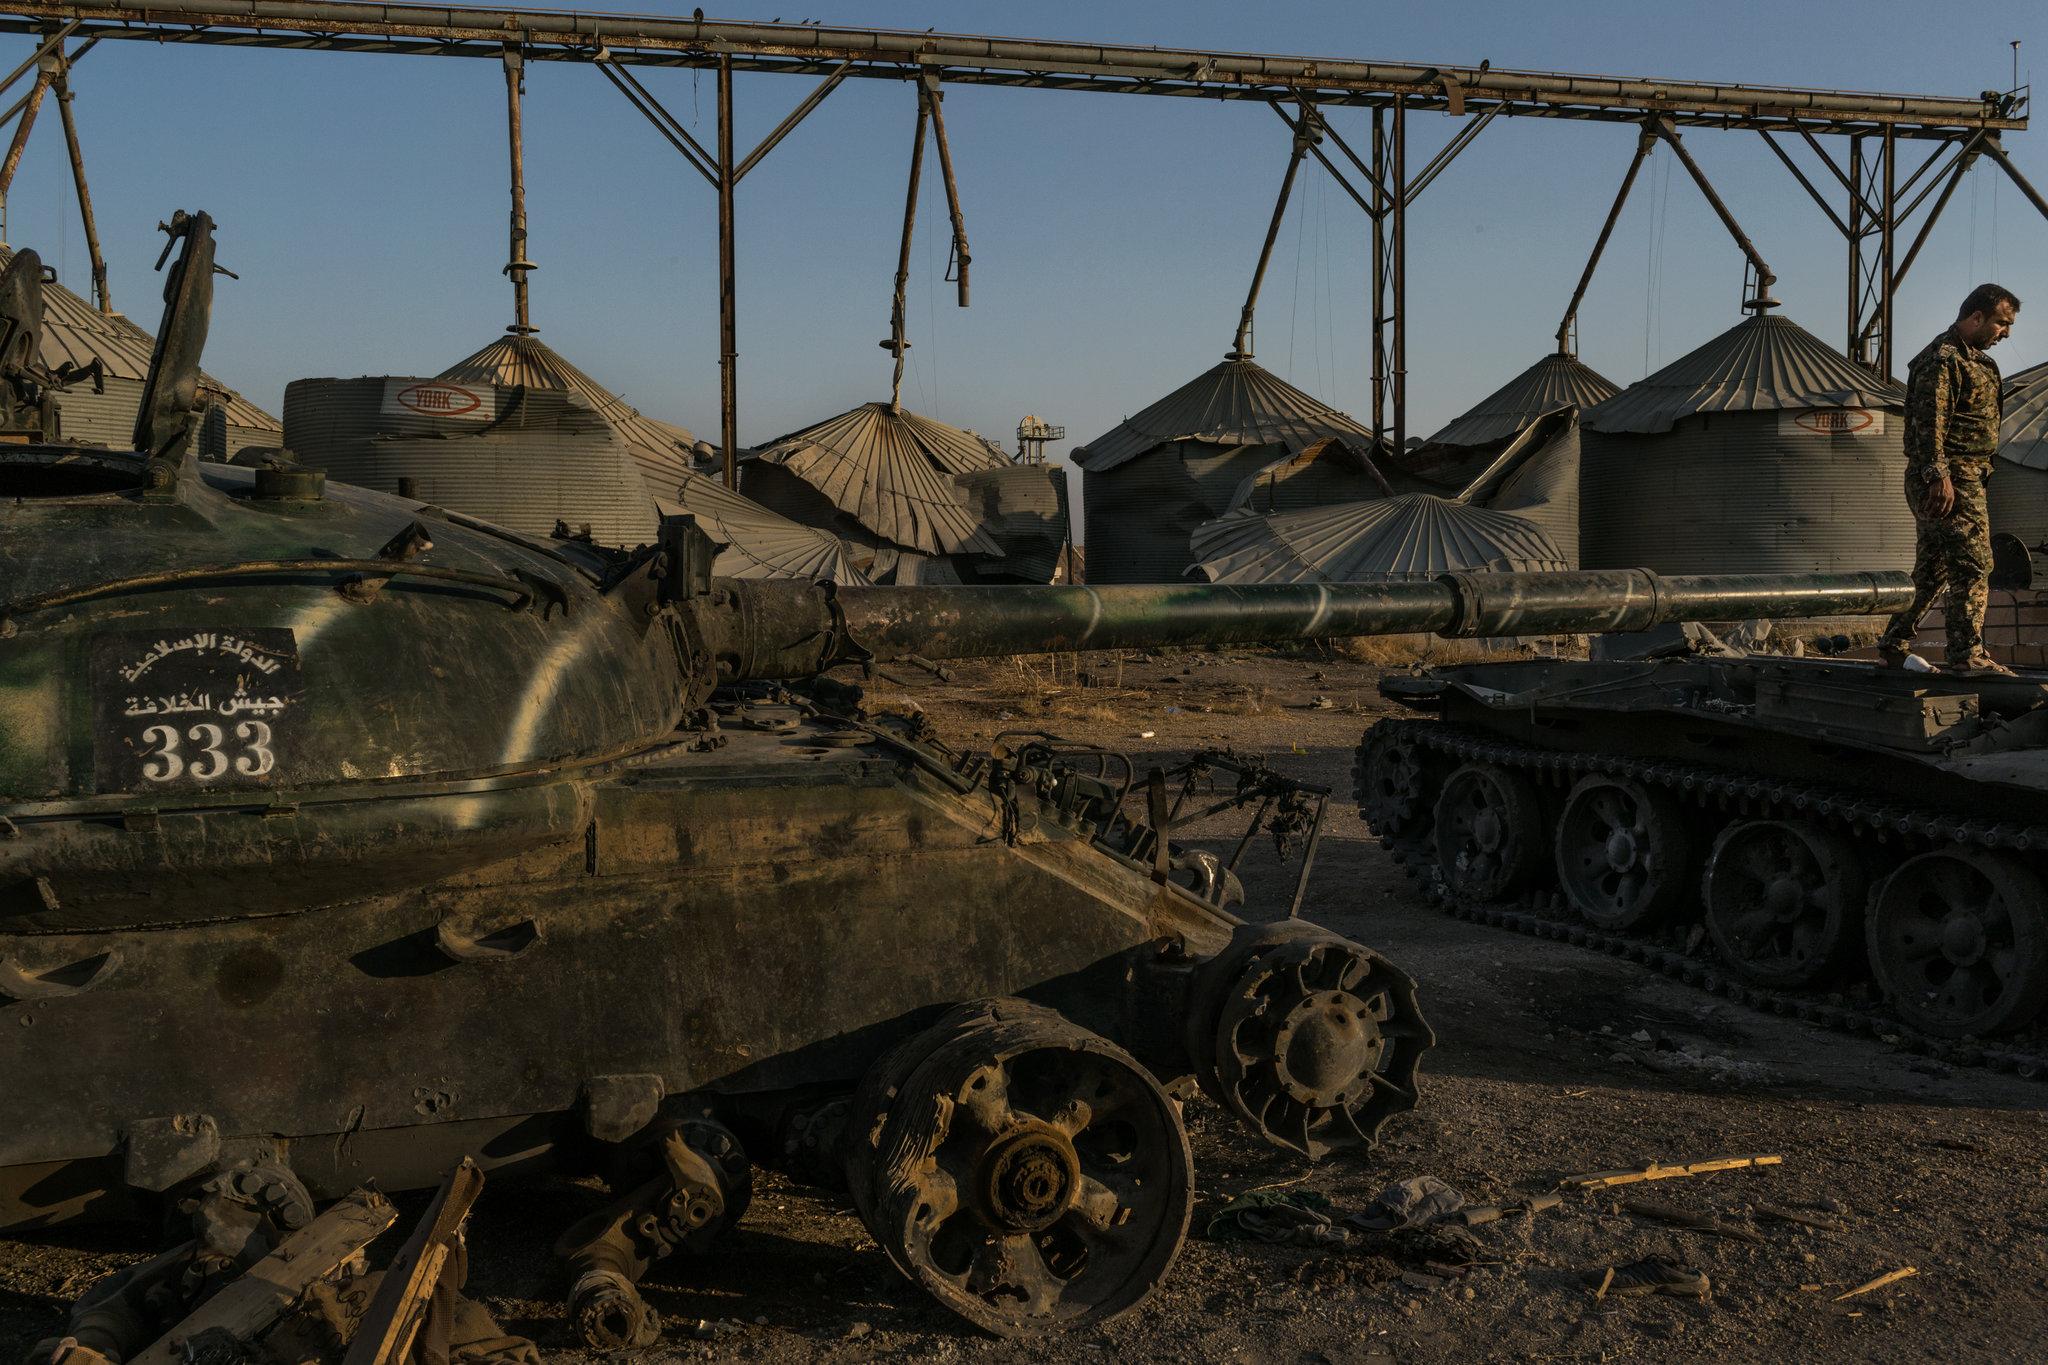 Des chars capturés par des milices kurdes l'an dernier en Syrie. L'écriture arabe les identifie comme appartenant à Jaysh al-Khalifa, ou Armée du Califat, une unité d'élite de l'État islamique. Crédit : Mauricio Lima pour le New York Times